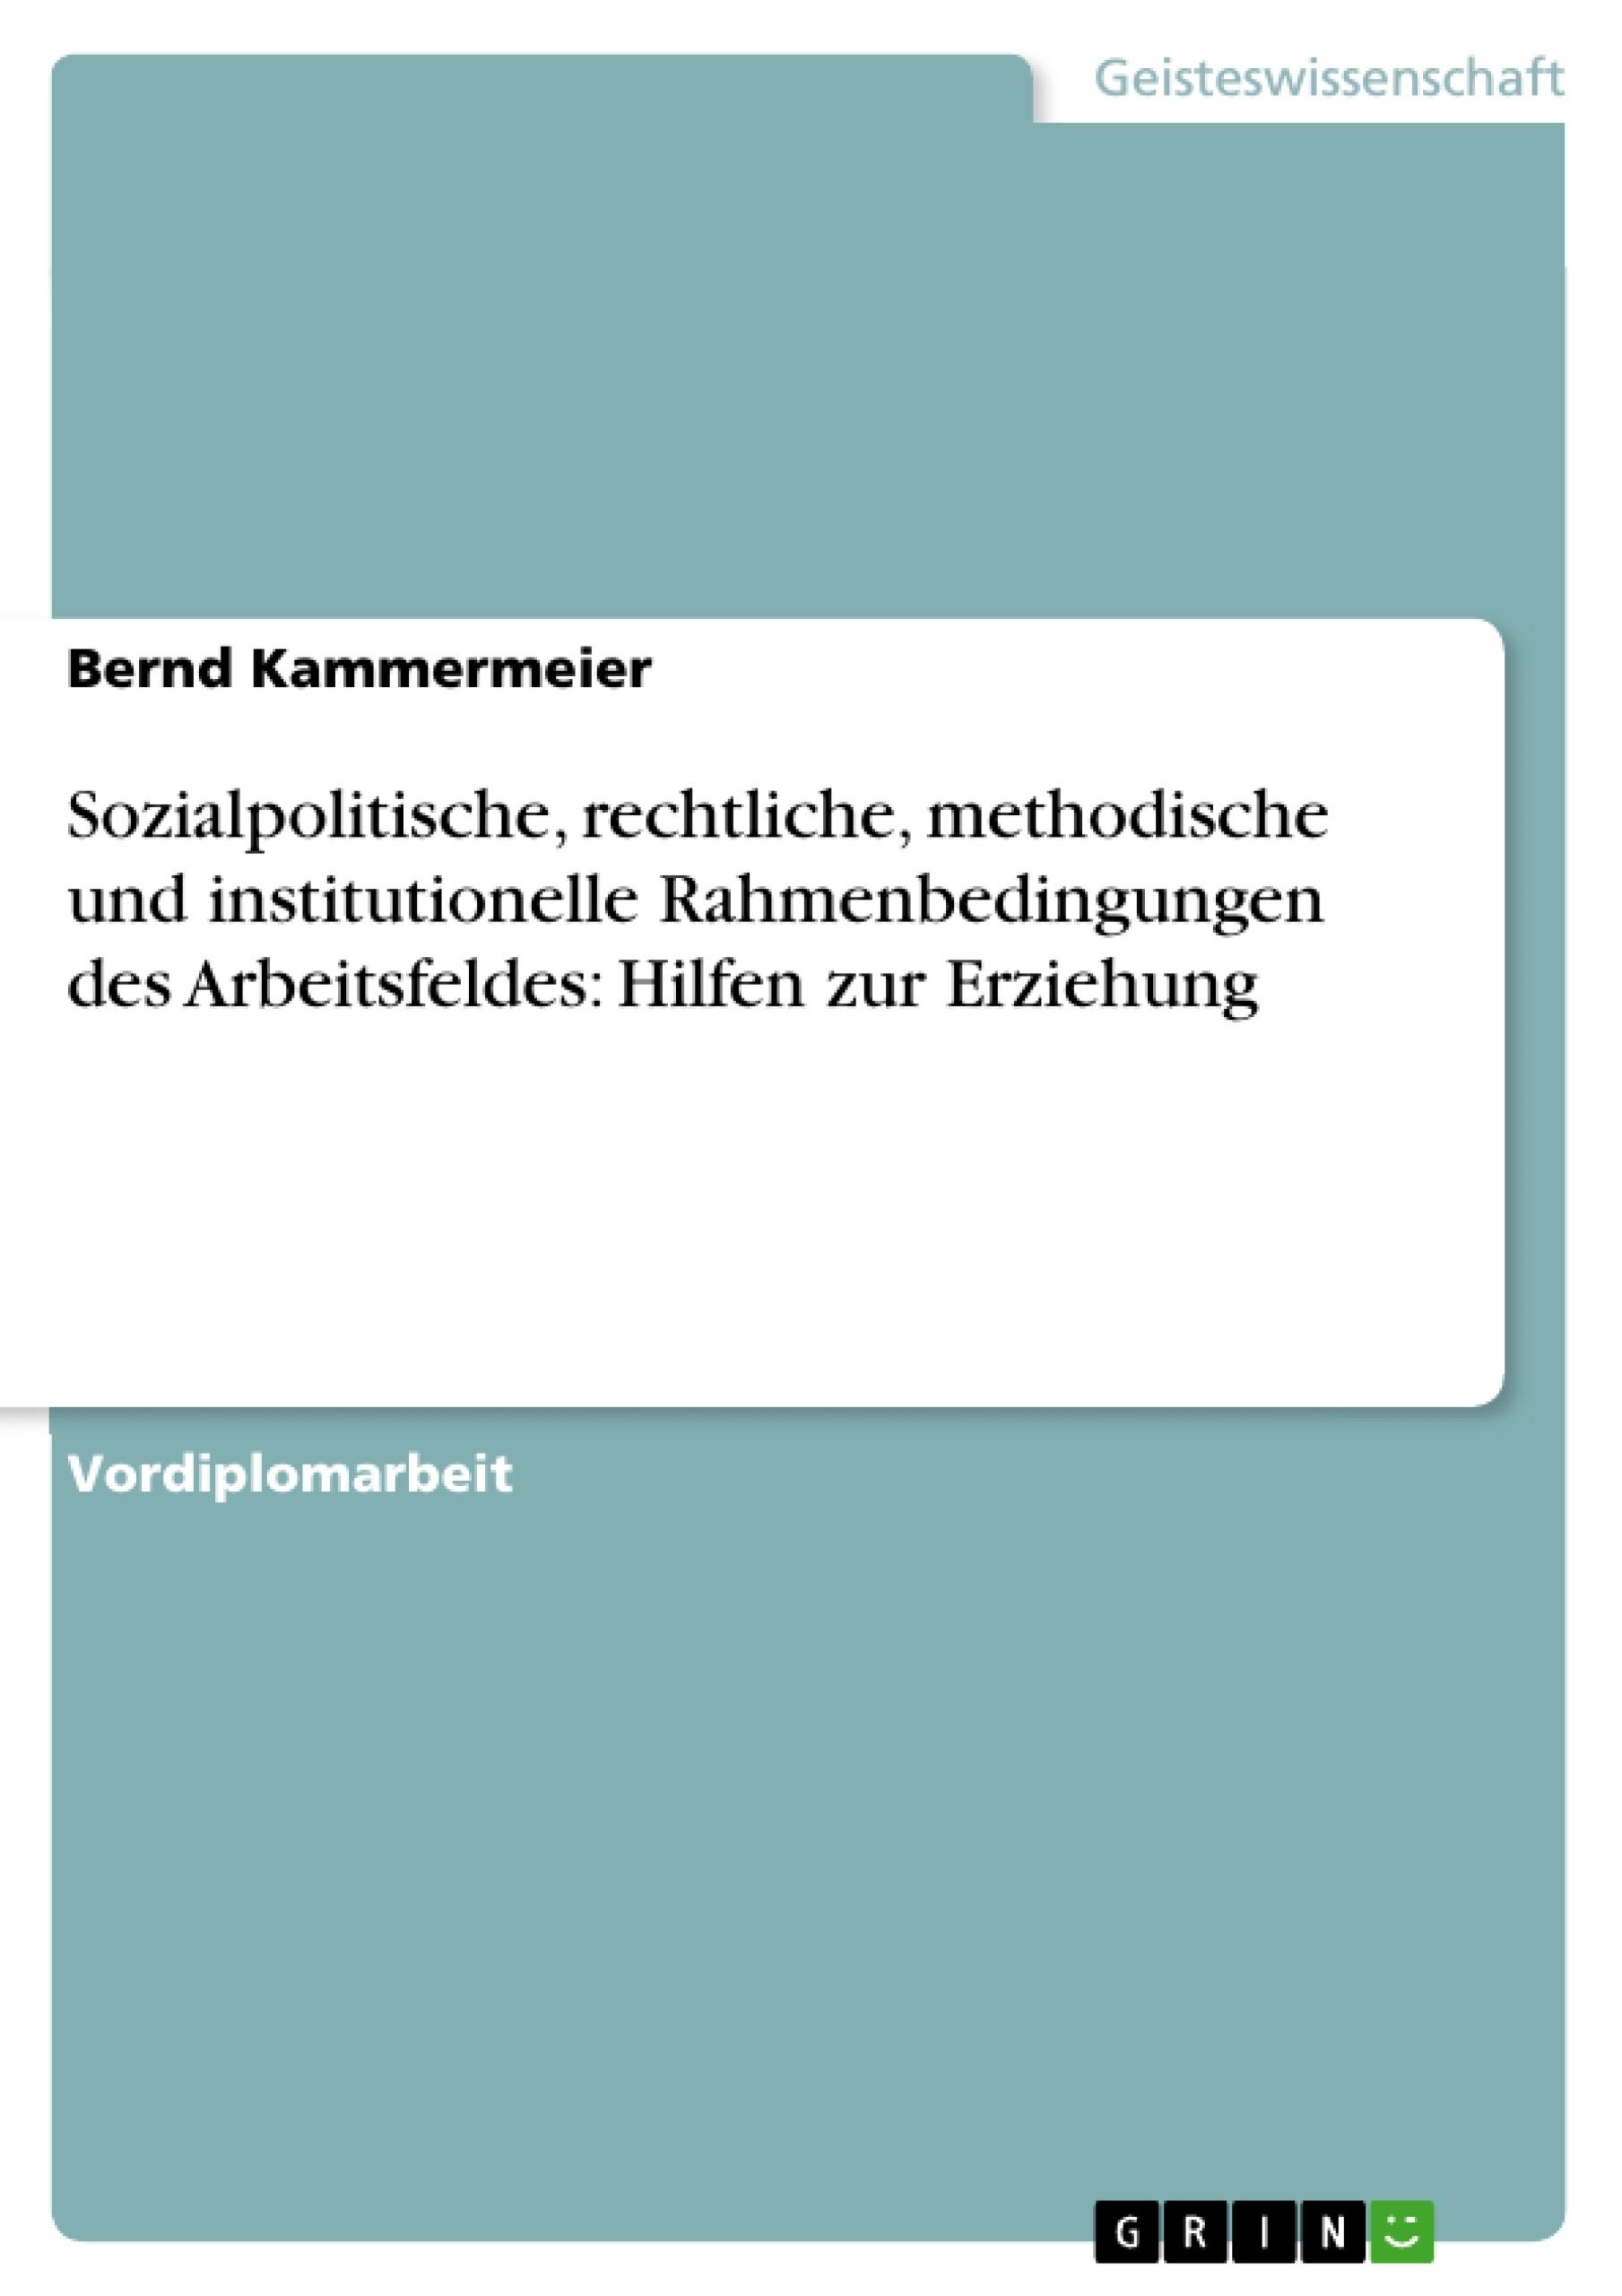 Titel: Sozialpolitische, rechtliche, methodische und institutionelle Rahmenbedingungen des Arbeitsfeldes: Hilfen zur Erziehung